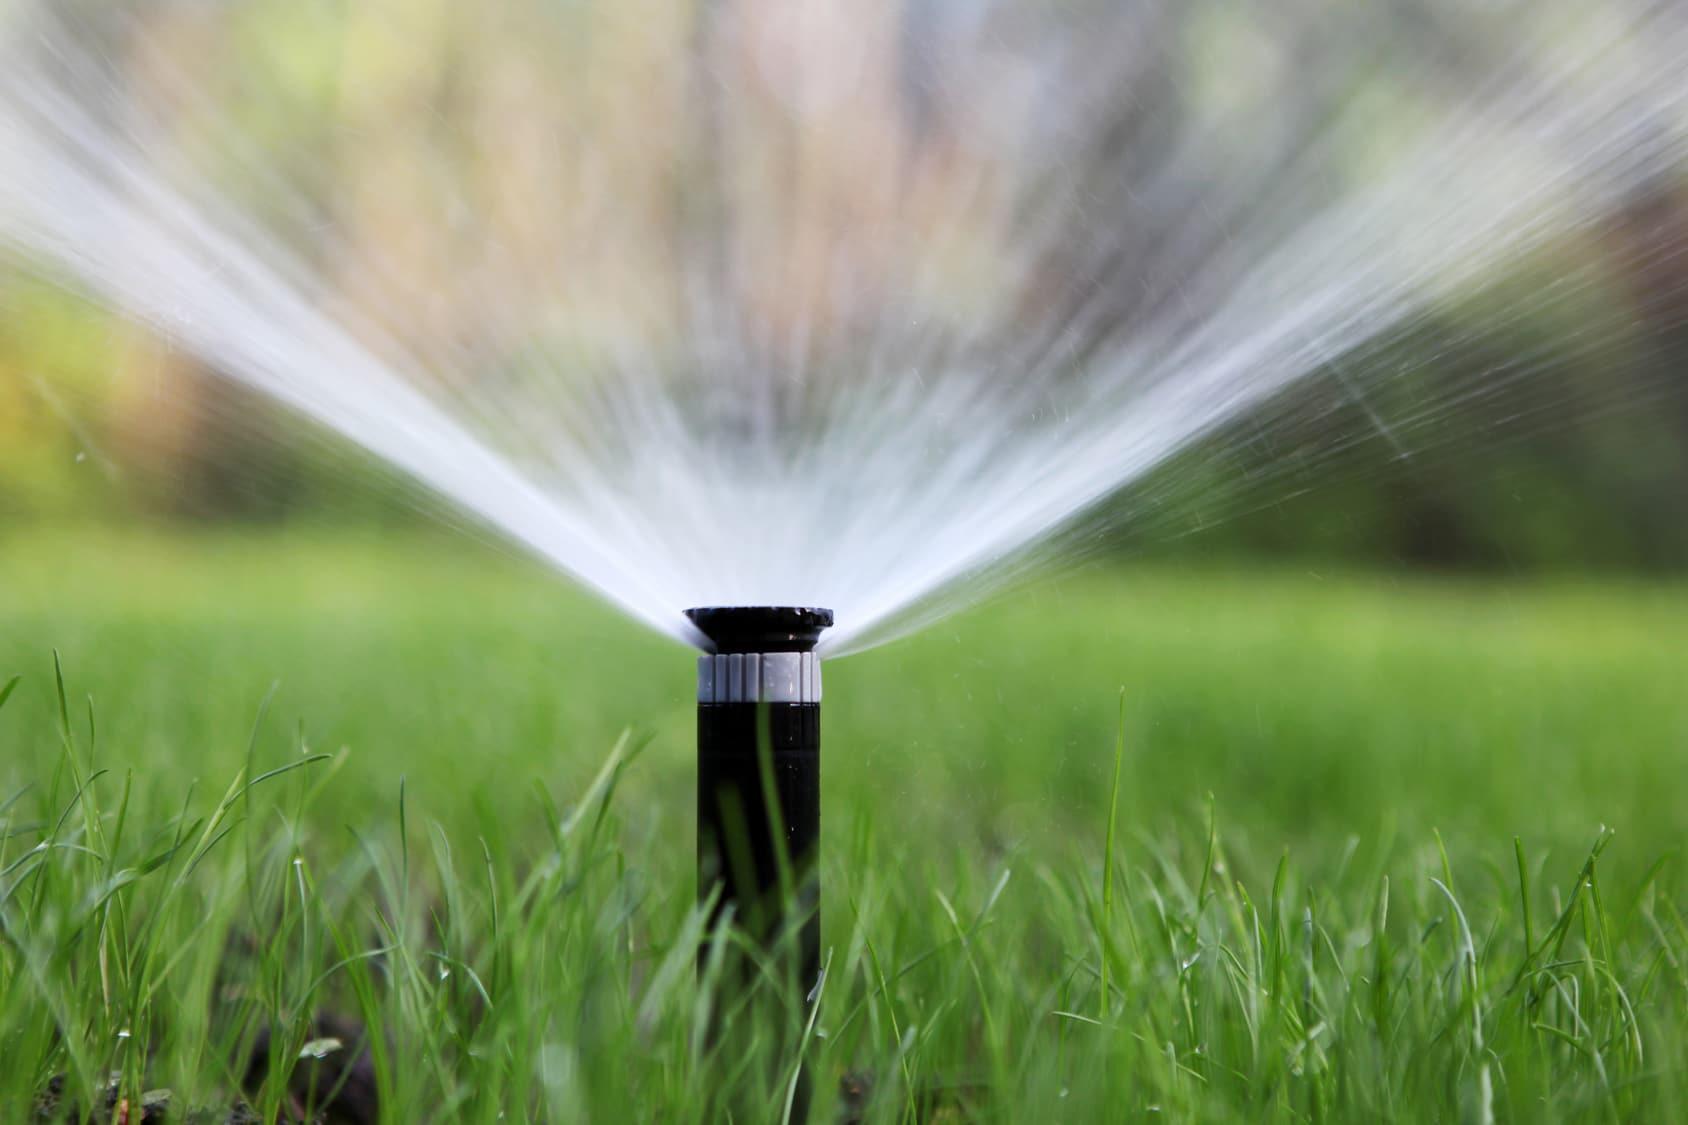 Expert Tips on How to Prevent Pop-up Sprinkler Damage